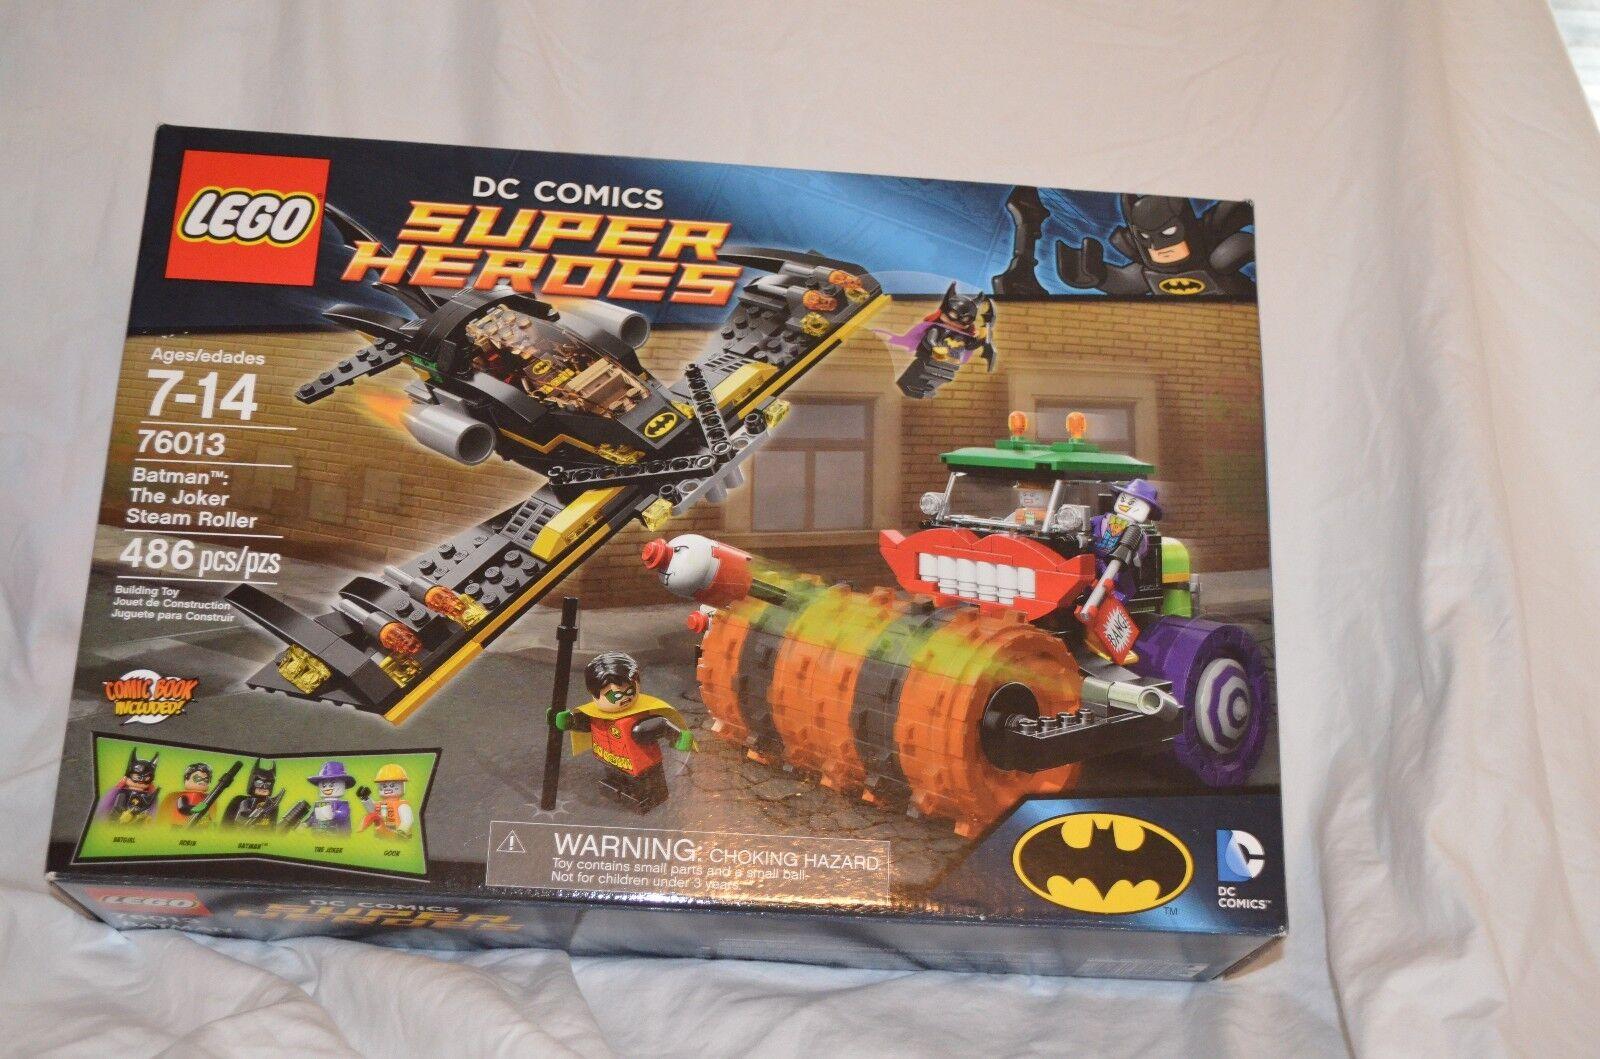 Lego Bathomme Le Joker rouleau compresseur  76013 SCELLÉ retraités Building Set  design simple et généreux